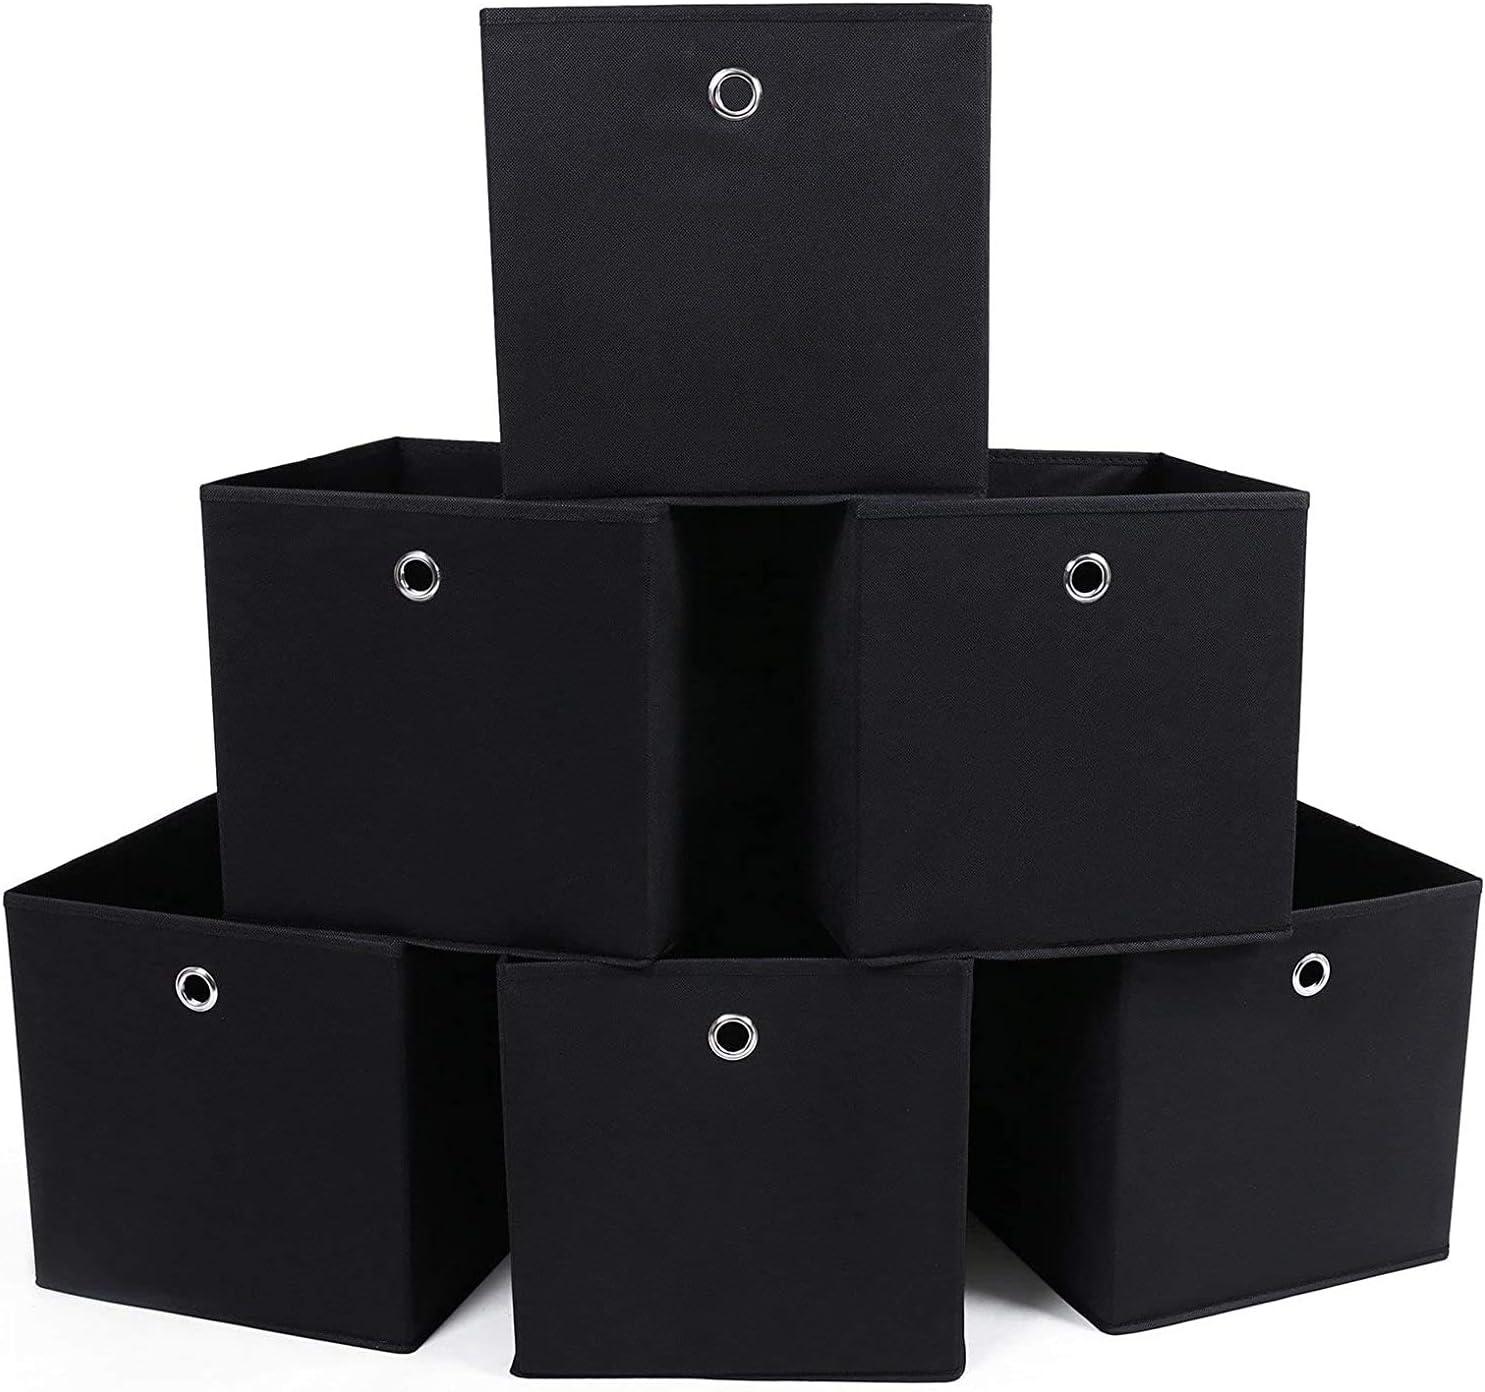 SONGMICS RFB02H-3 - Organizadores Plegables, 6 Piezas, con Agujeros para Dedos, 30 x 30 x 30 cm. Negro: Amazon.es: Hogar